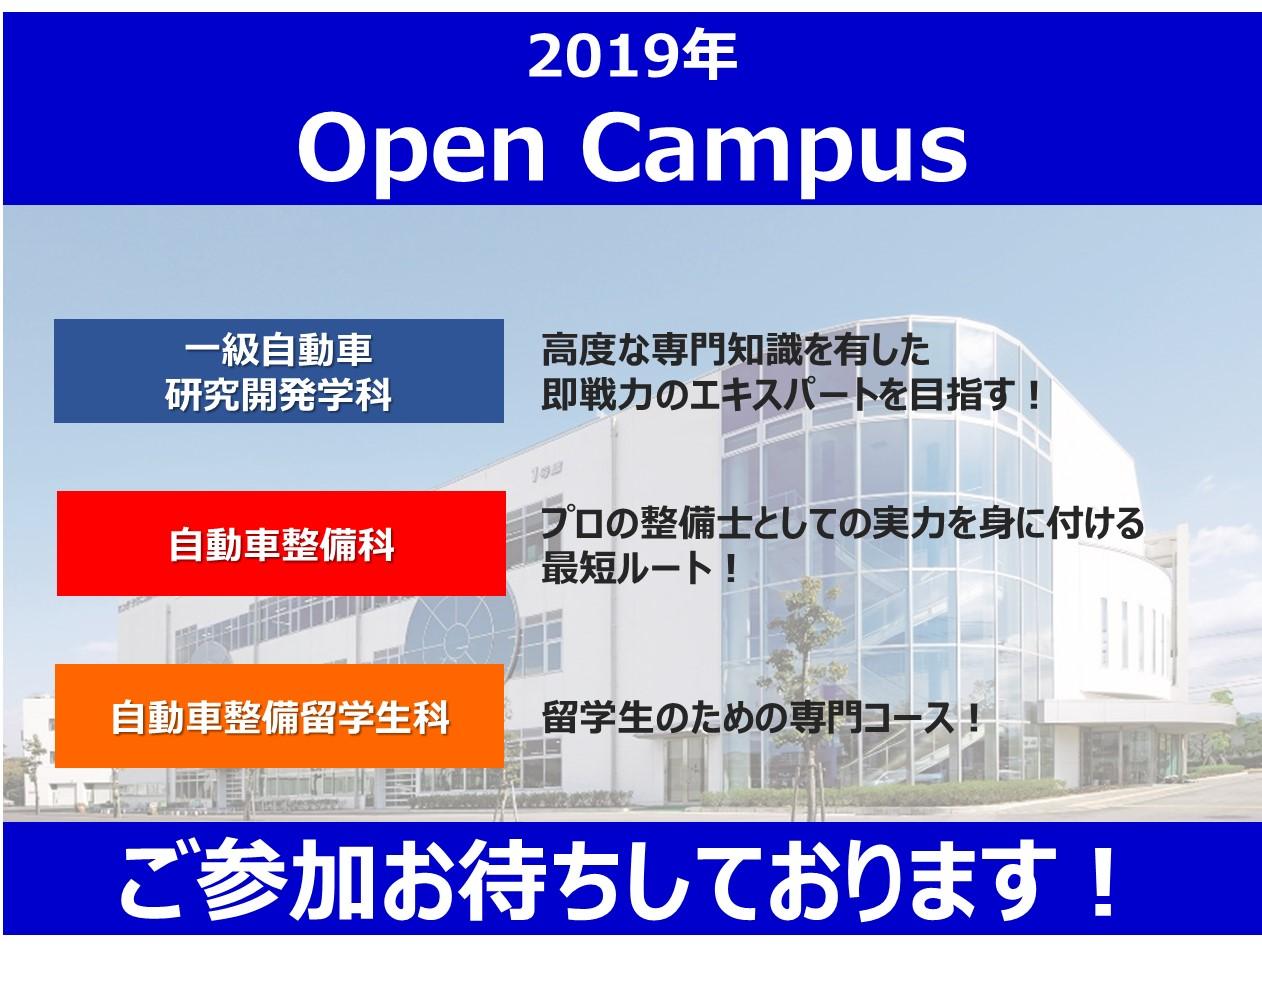 2019 OPEN CAMPUS スケジュール